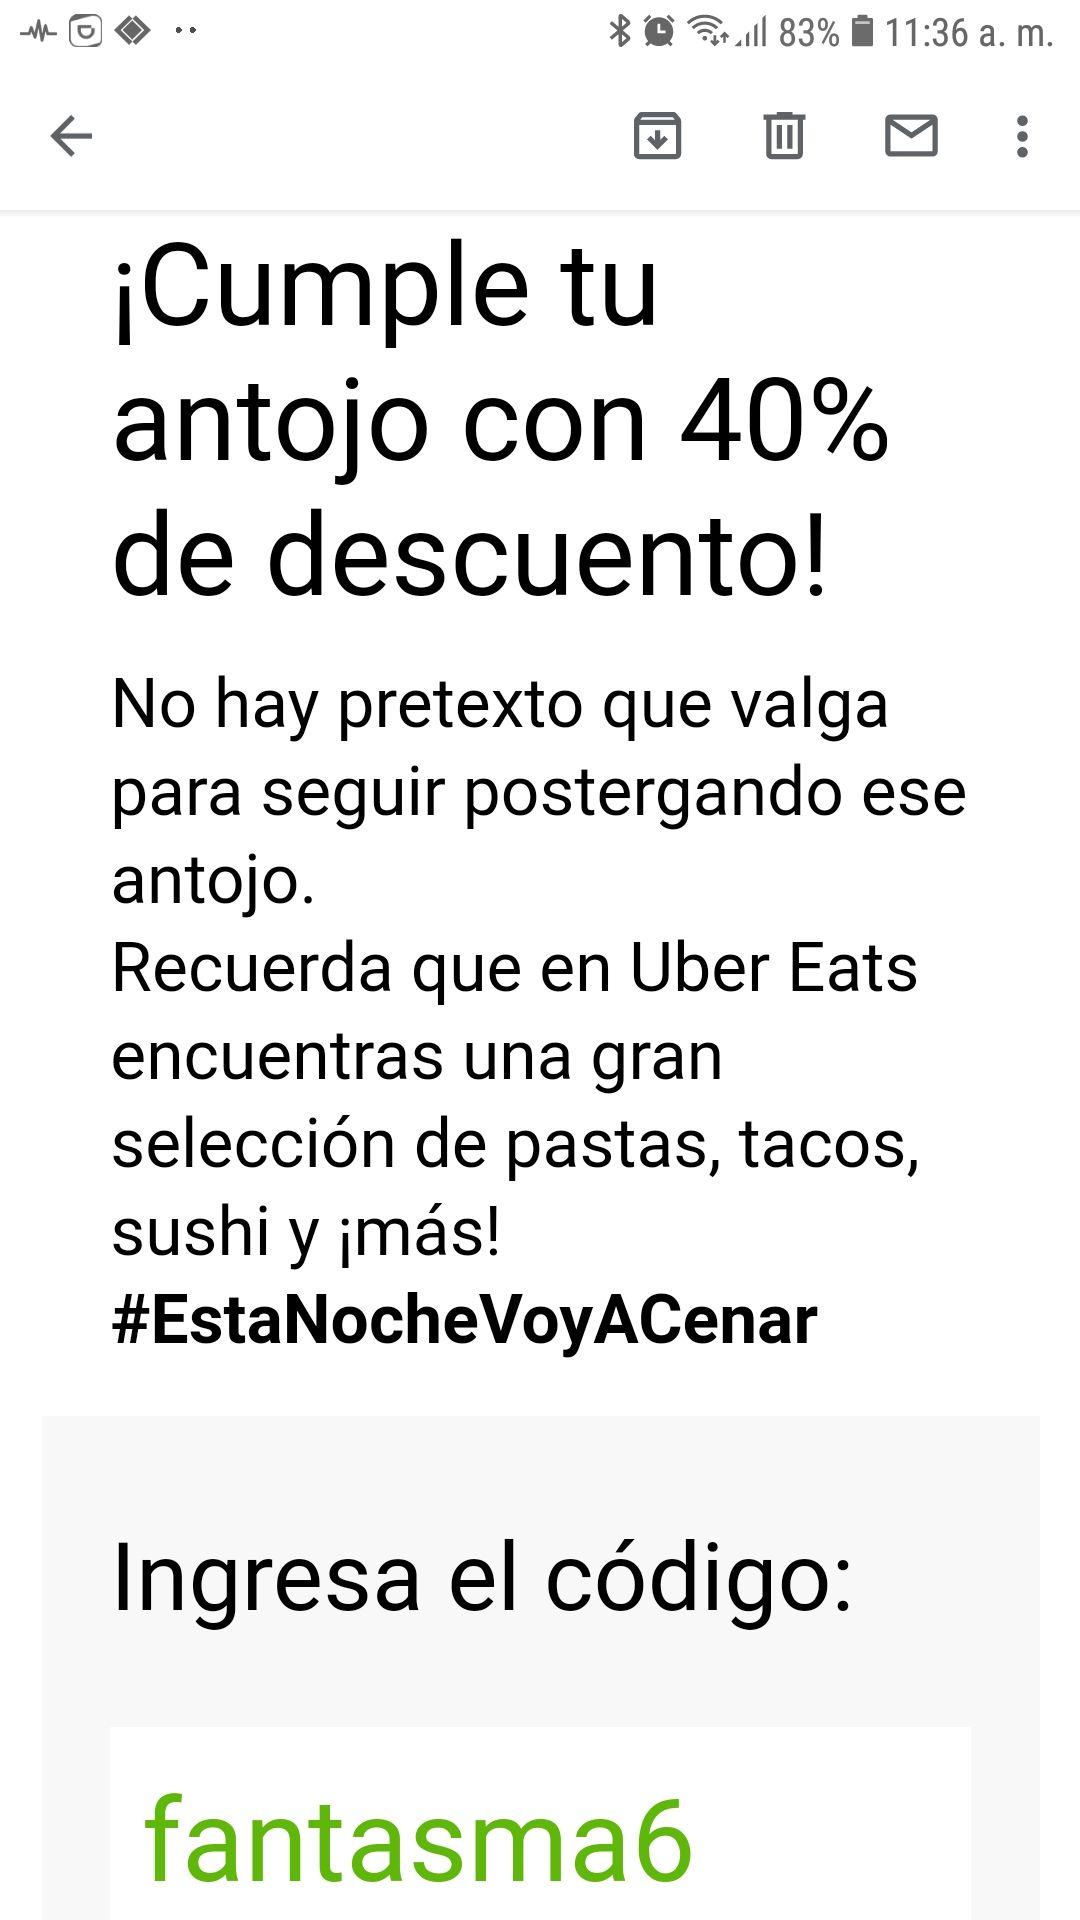 Uber Eats: Cupon de 40% para dos pedidos de minimo 270$. Maximo de descuento $180